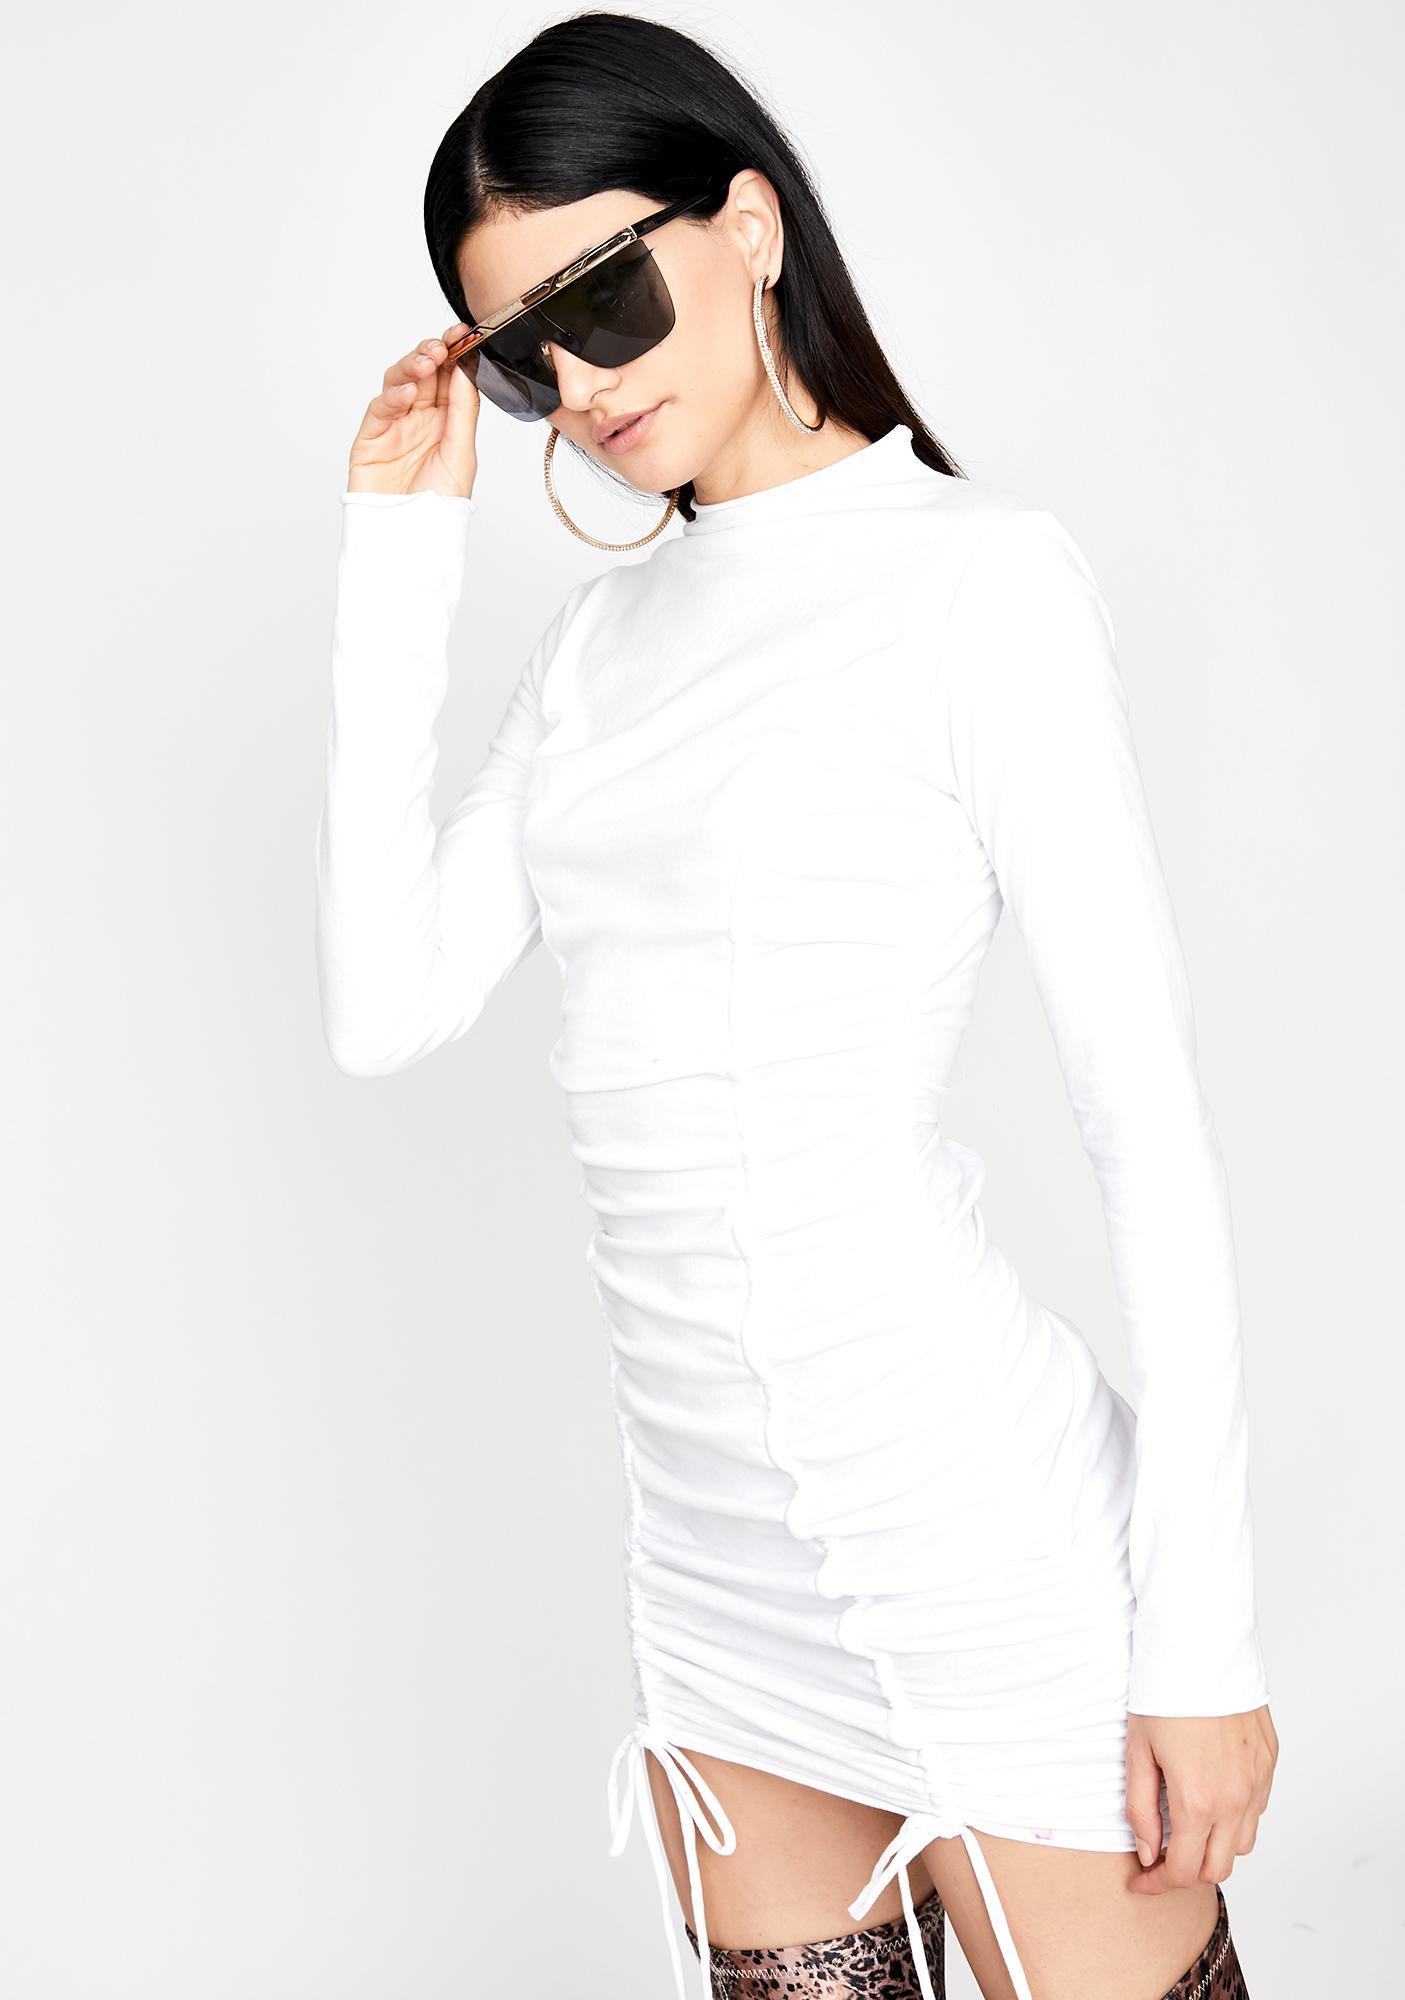 Innocent Miss Baddie Ruched Dress